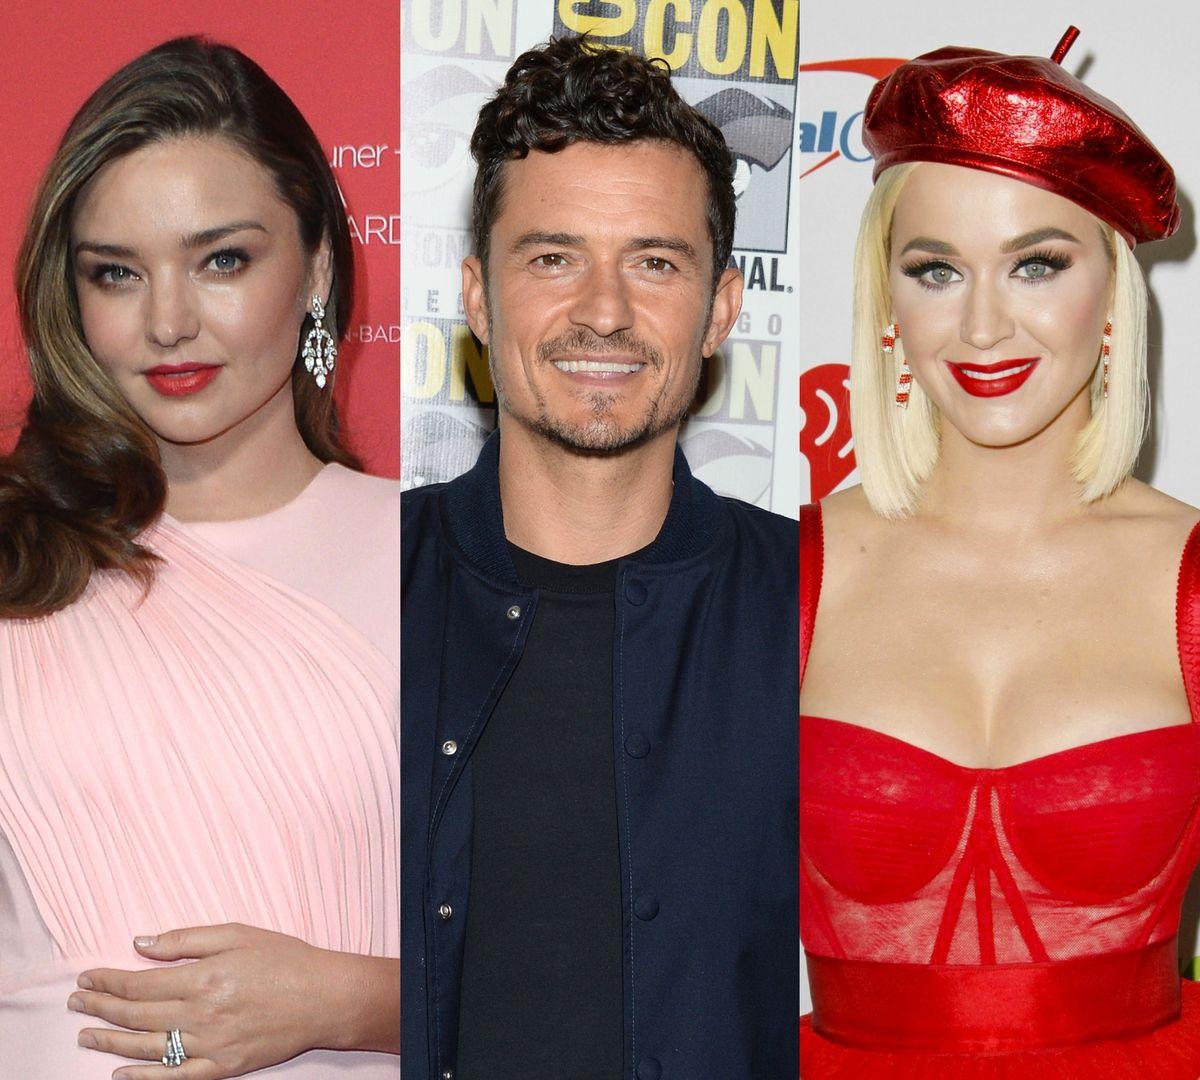 Miranda Kerr 'Har allerede kaldt' Ex Orlando Bloom og Katy Perry over babynyheder: Hun er 'virkelig glad'